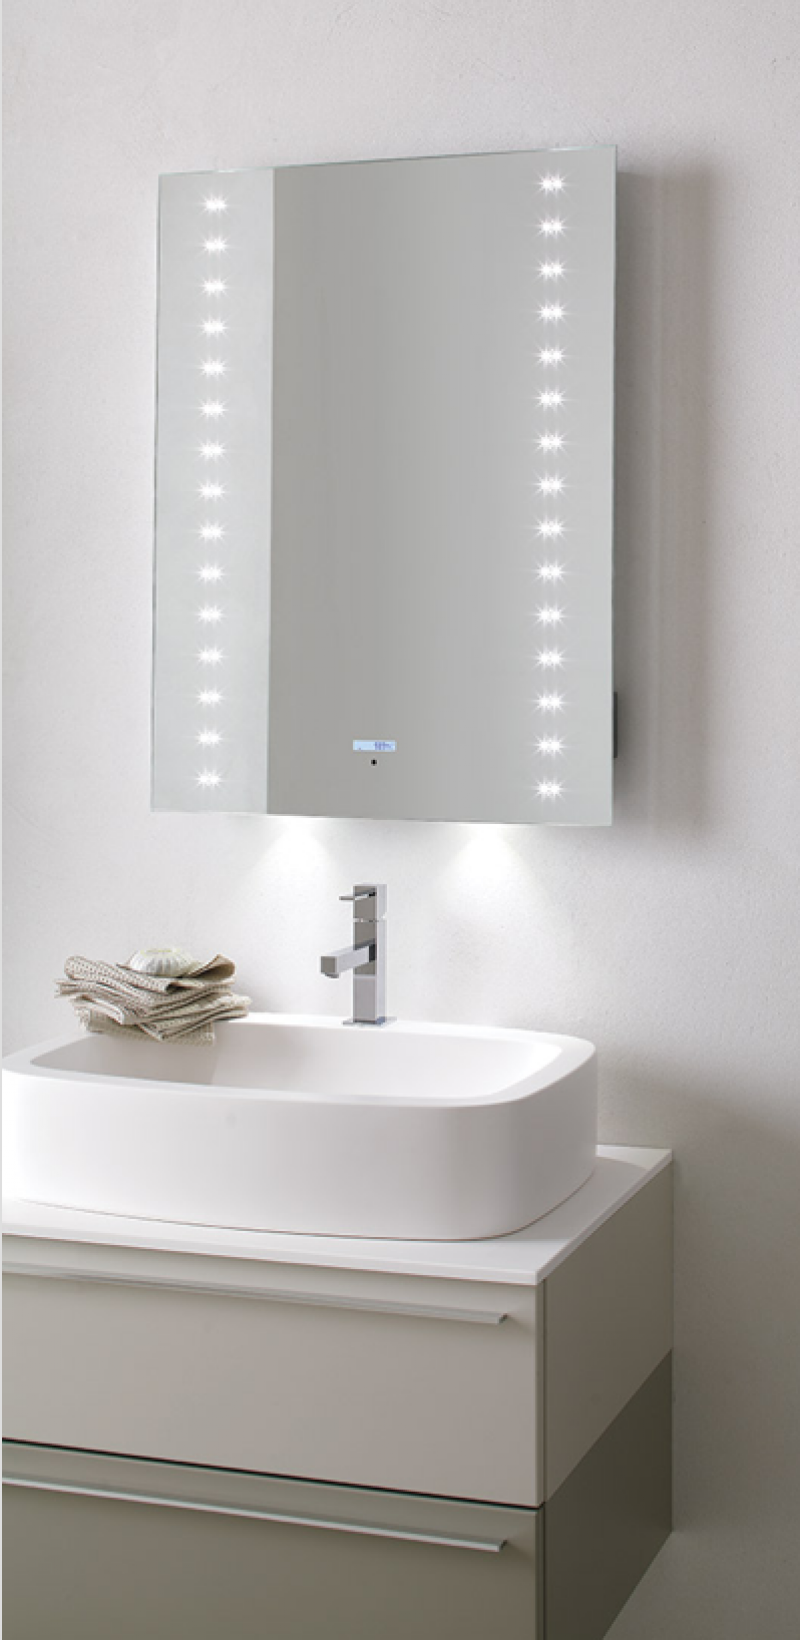 La veneta termosanitaria s r l specchiere bagno specchiera da bagno led multimediale - Specchiere da bagno ...